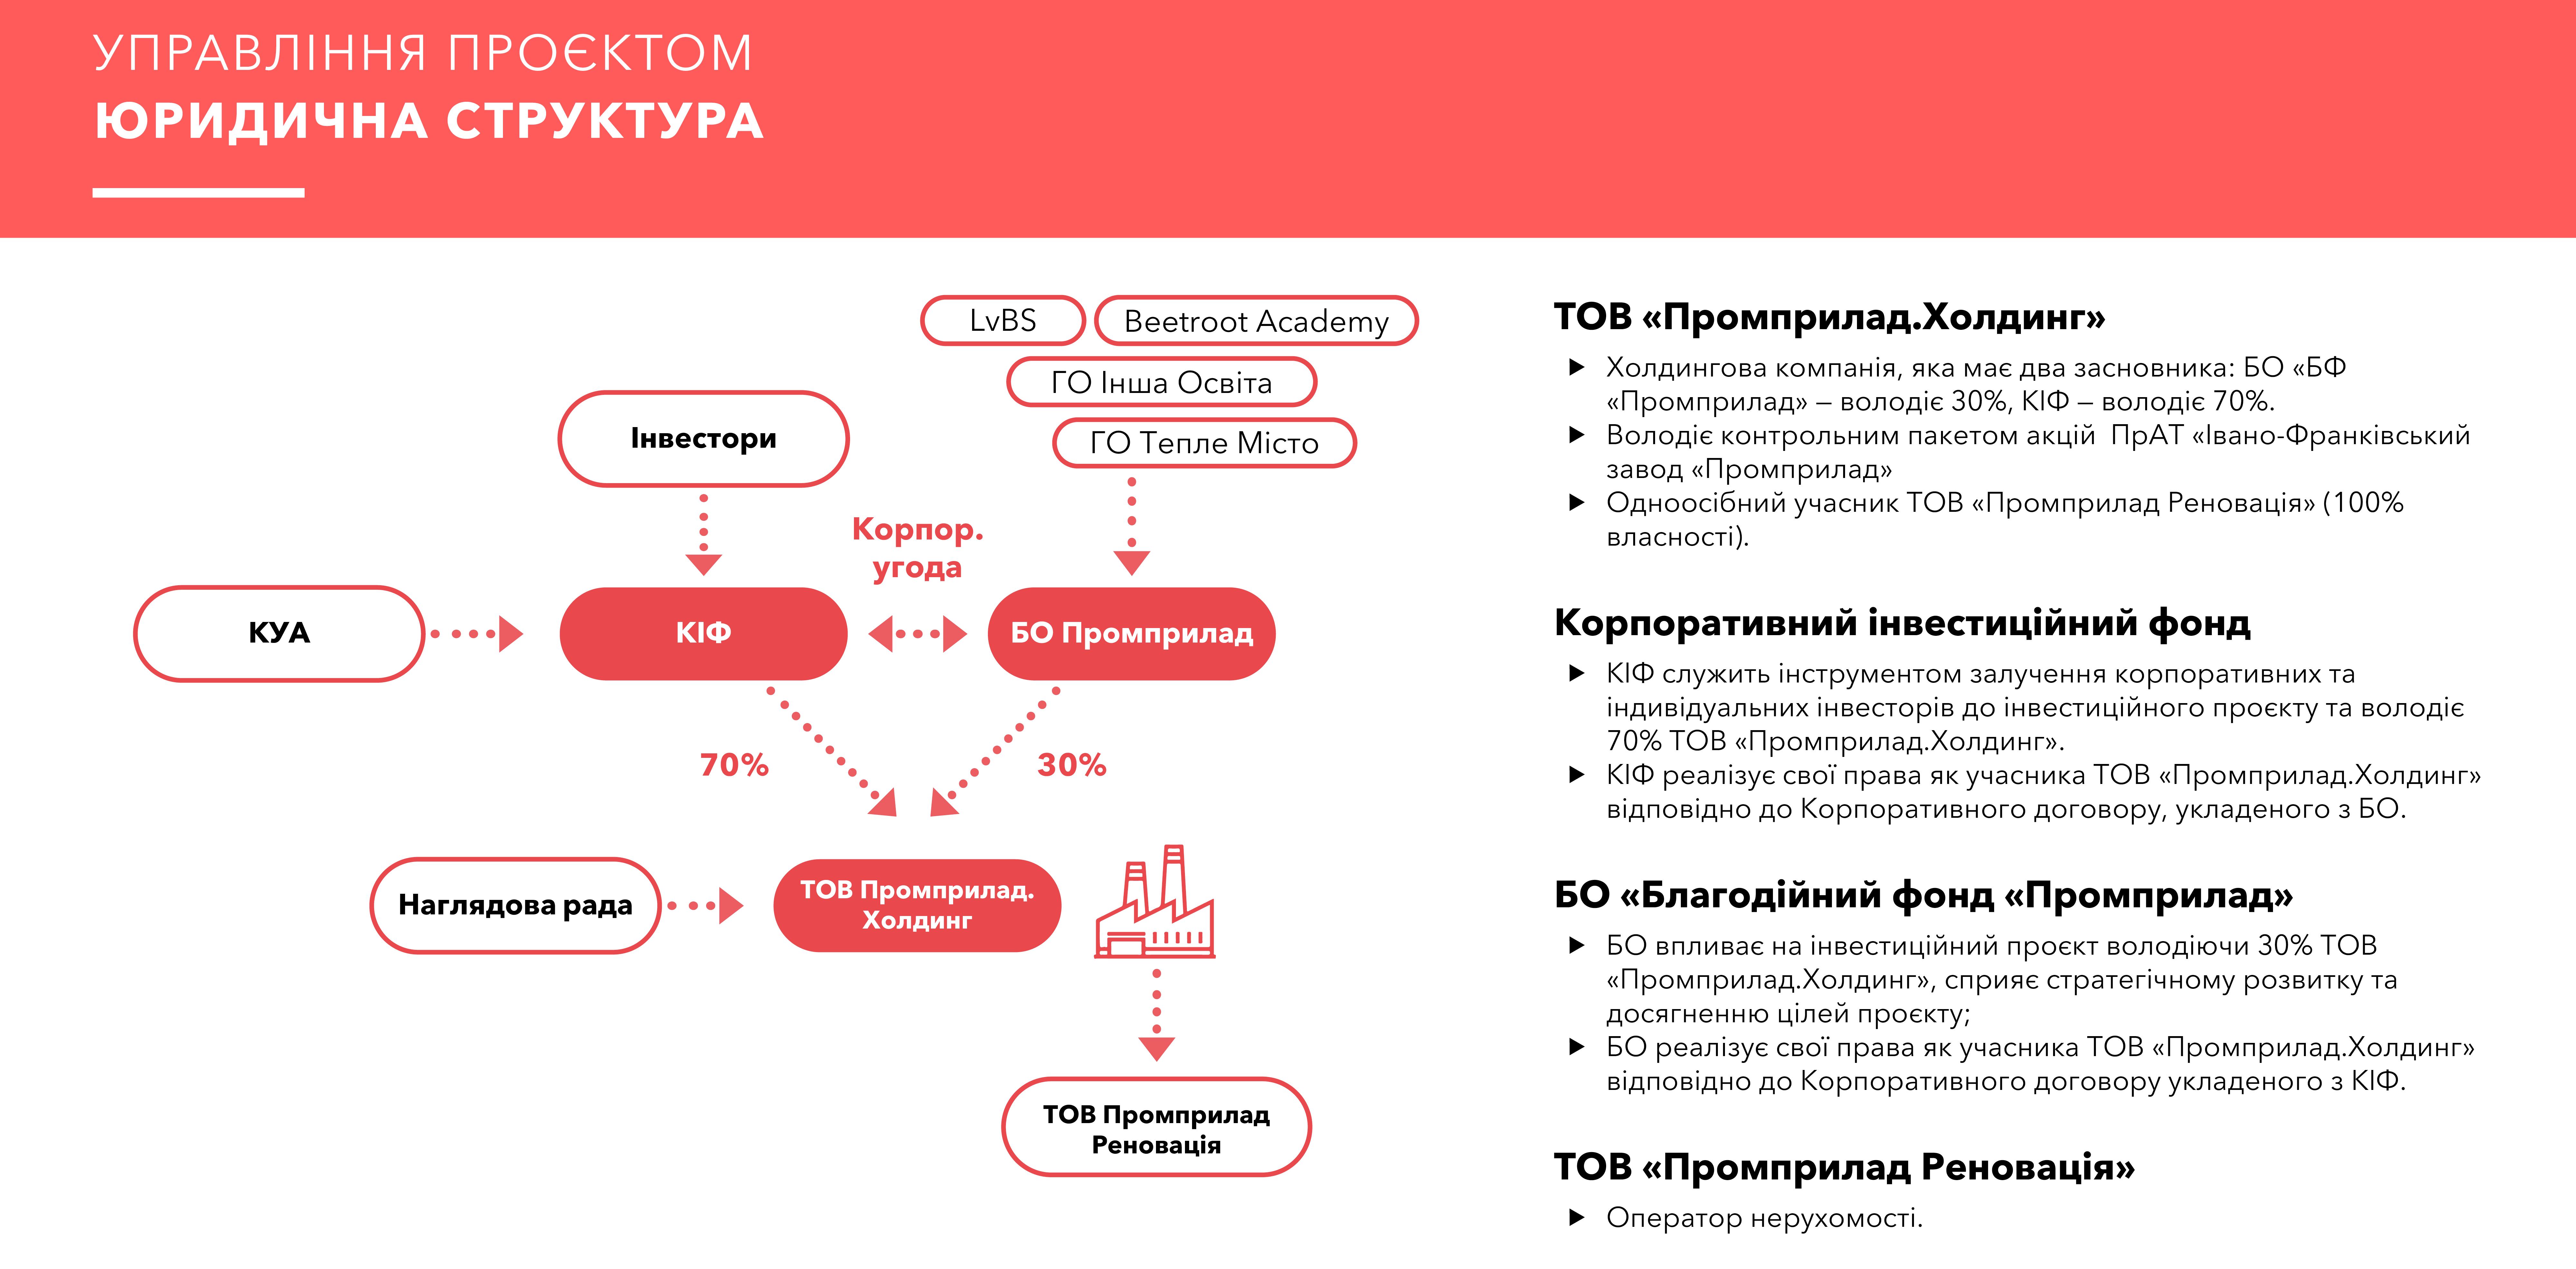 Юридична структура управління проєктом